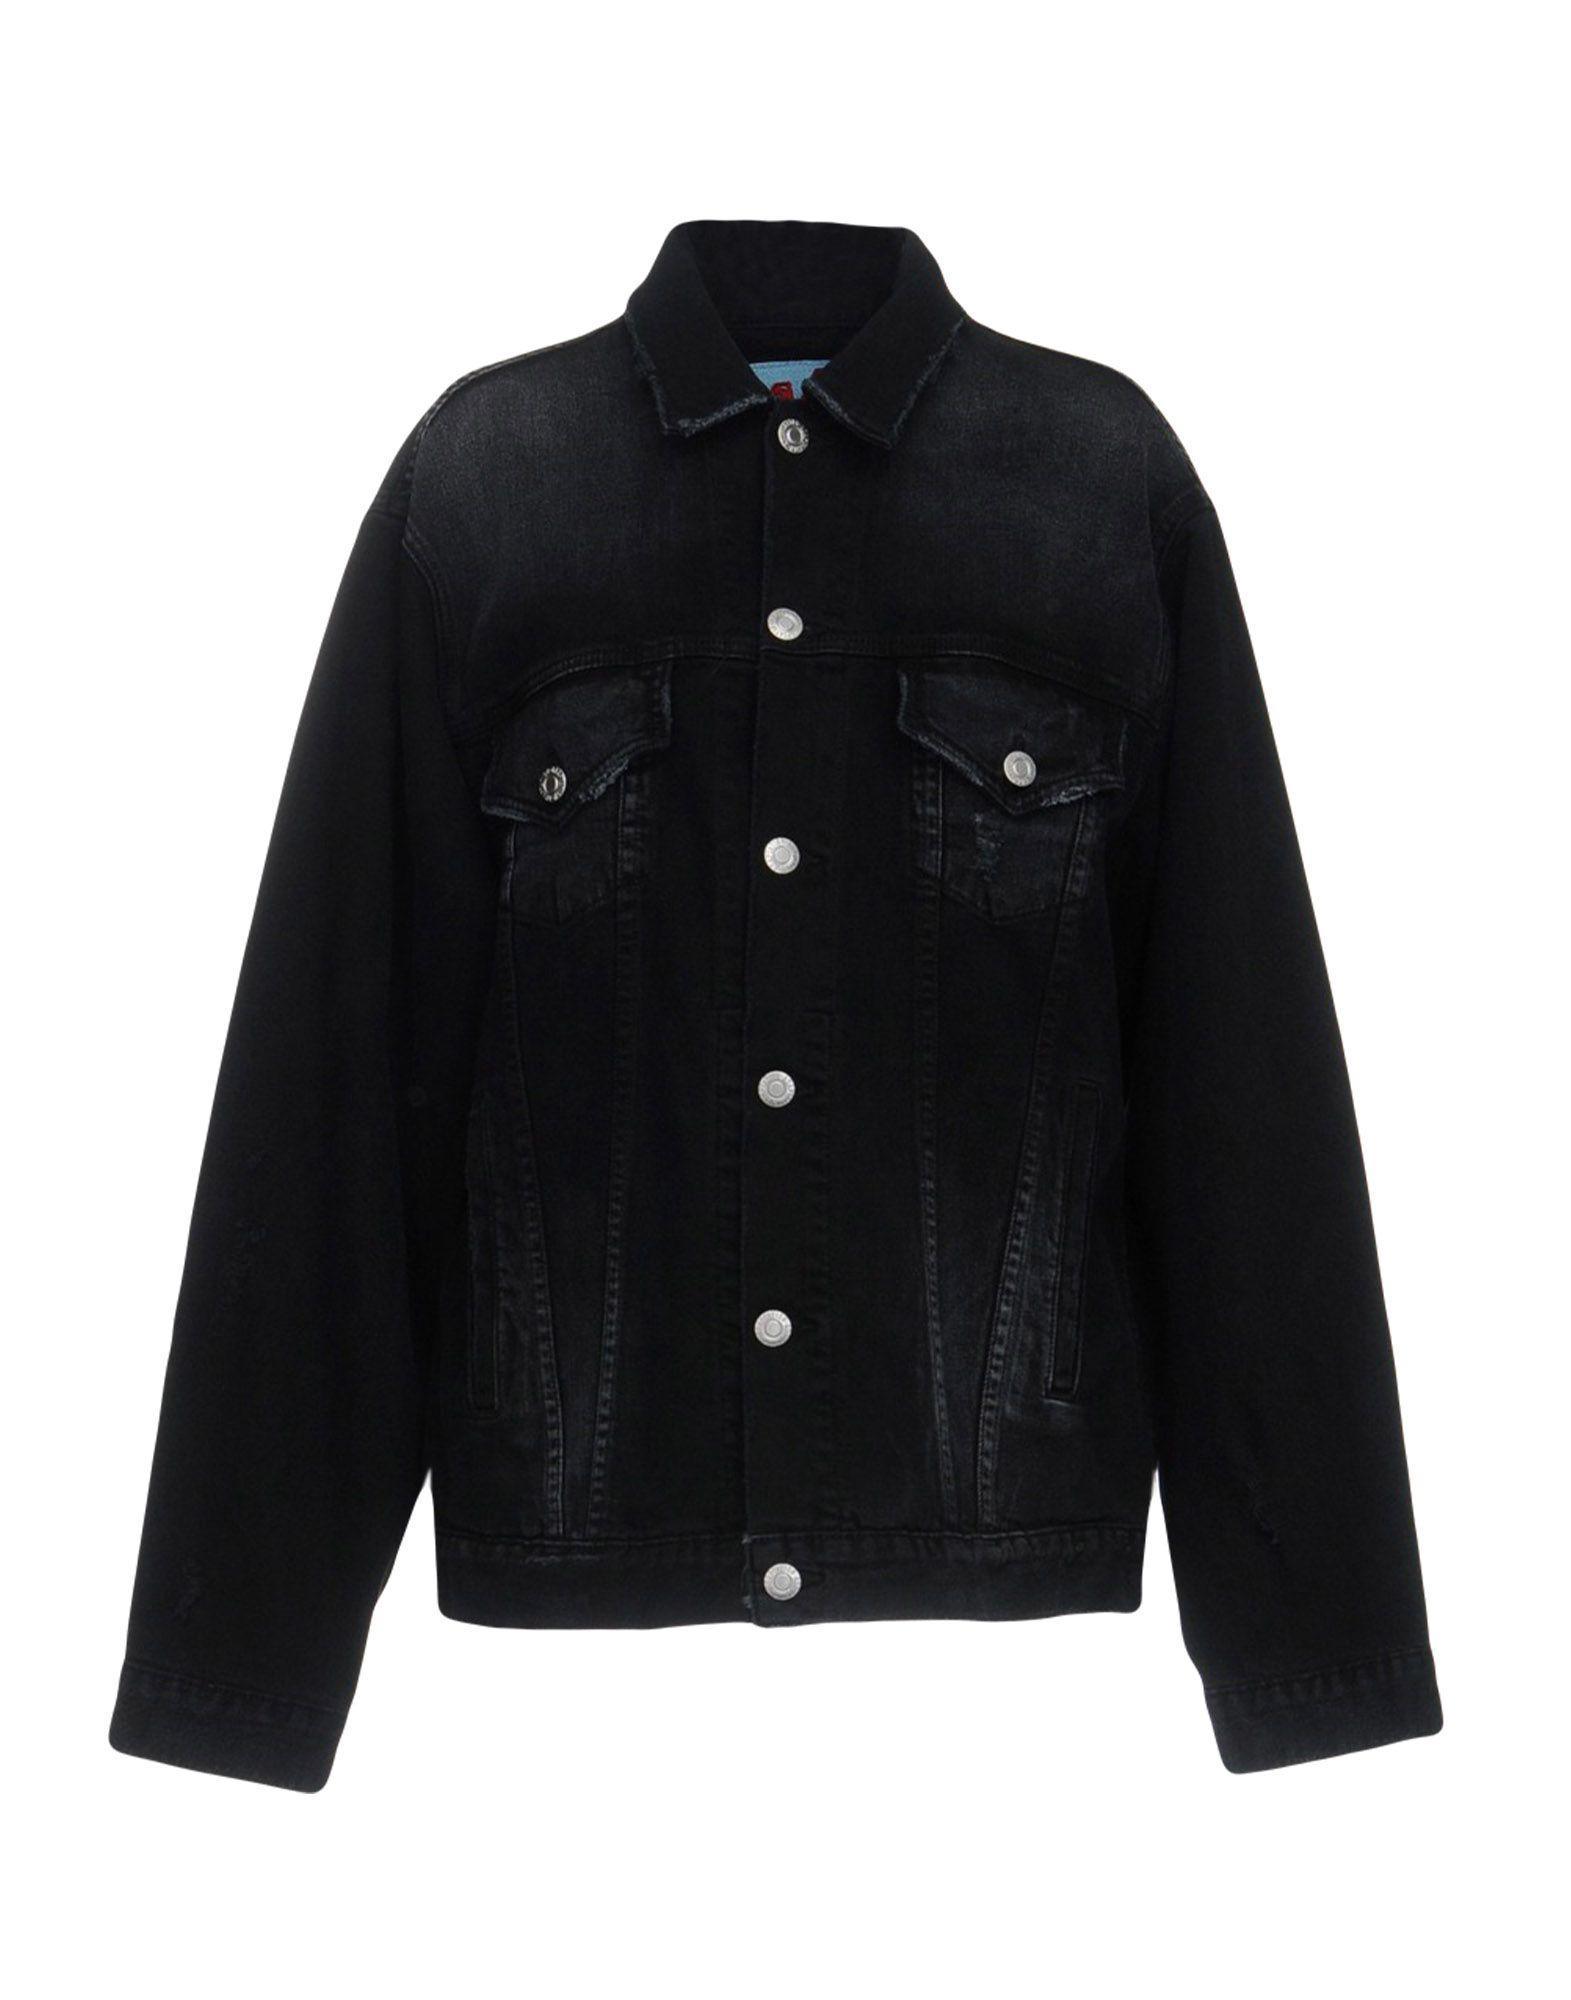 Adaptation Denim Outerwear In Black